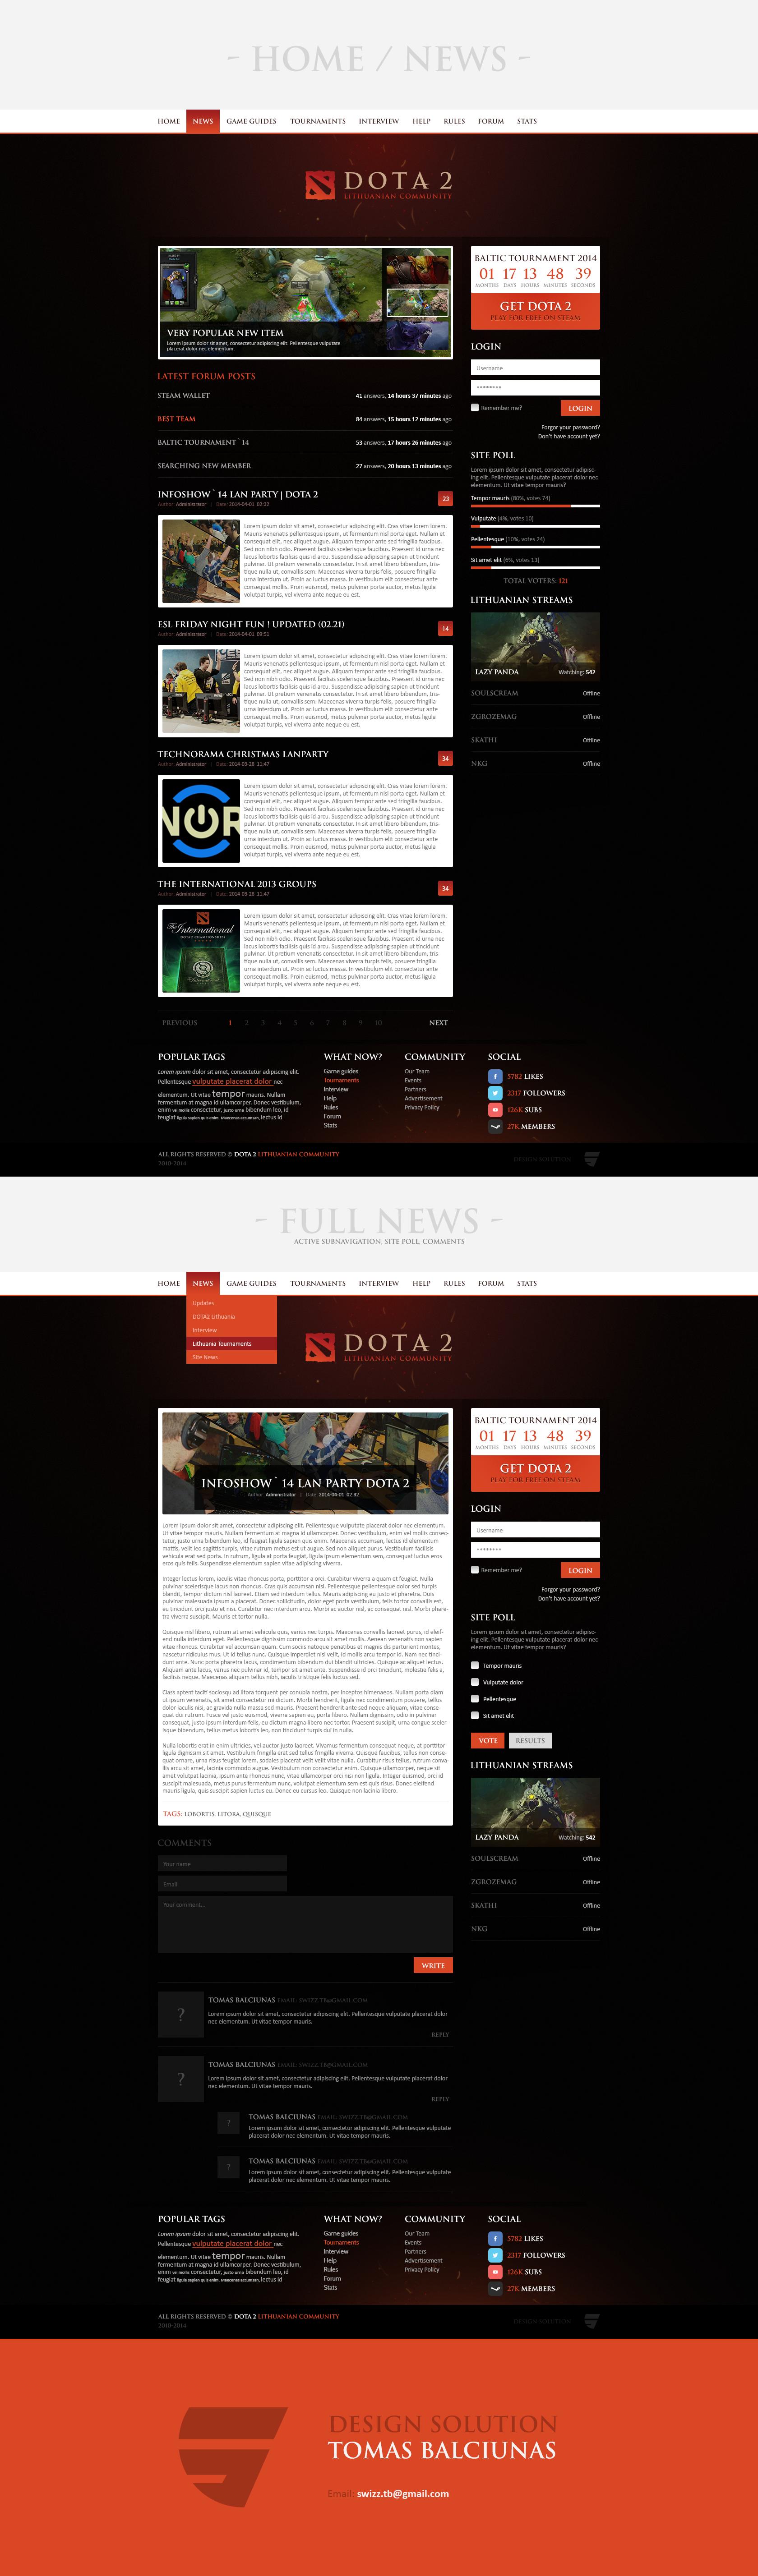 DOTA 2 Community Website * FOR SALE by Swizz1 | IDEIAS | Pinterest ...